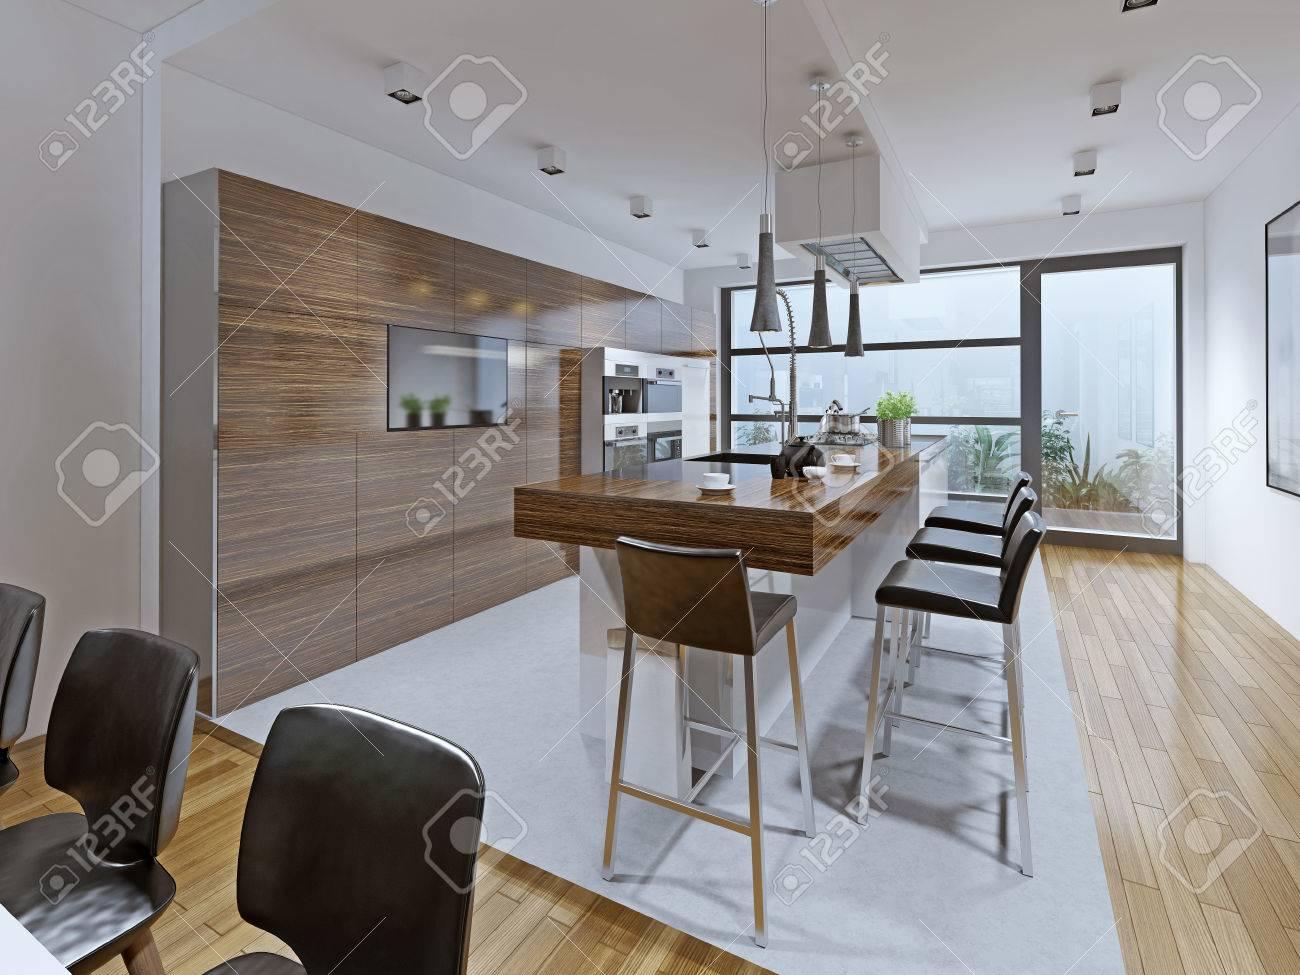 Schön Theke Küche Ideen Von Küche High-tech-stil. Küche Mit Auf Der Insel